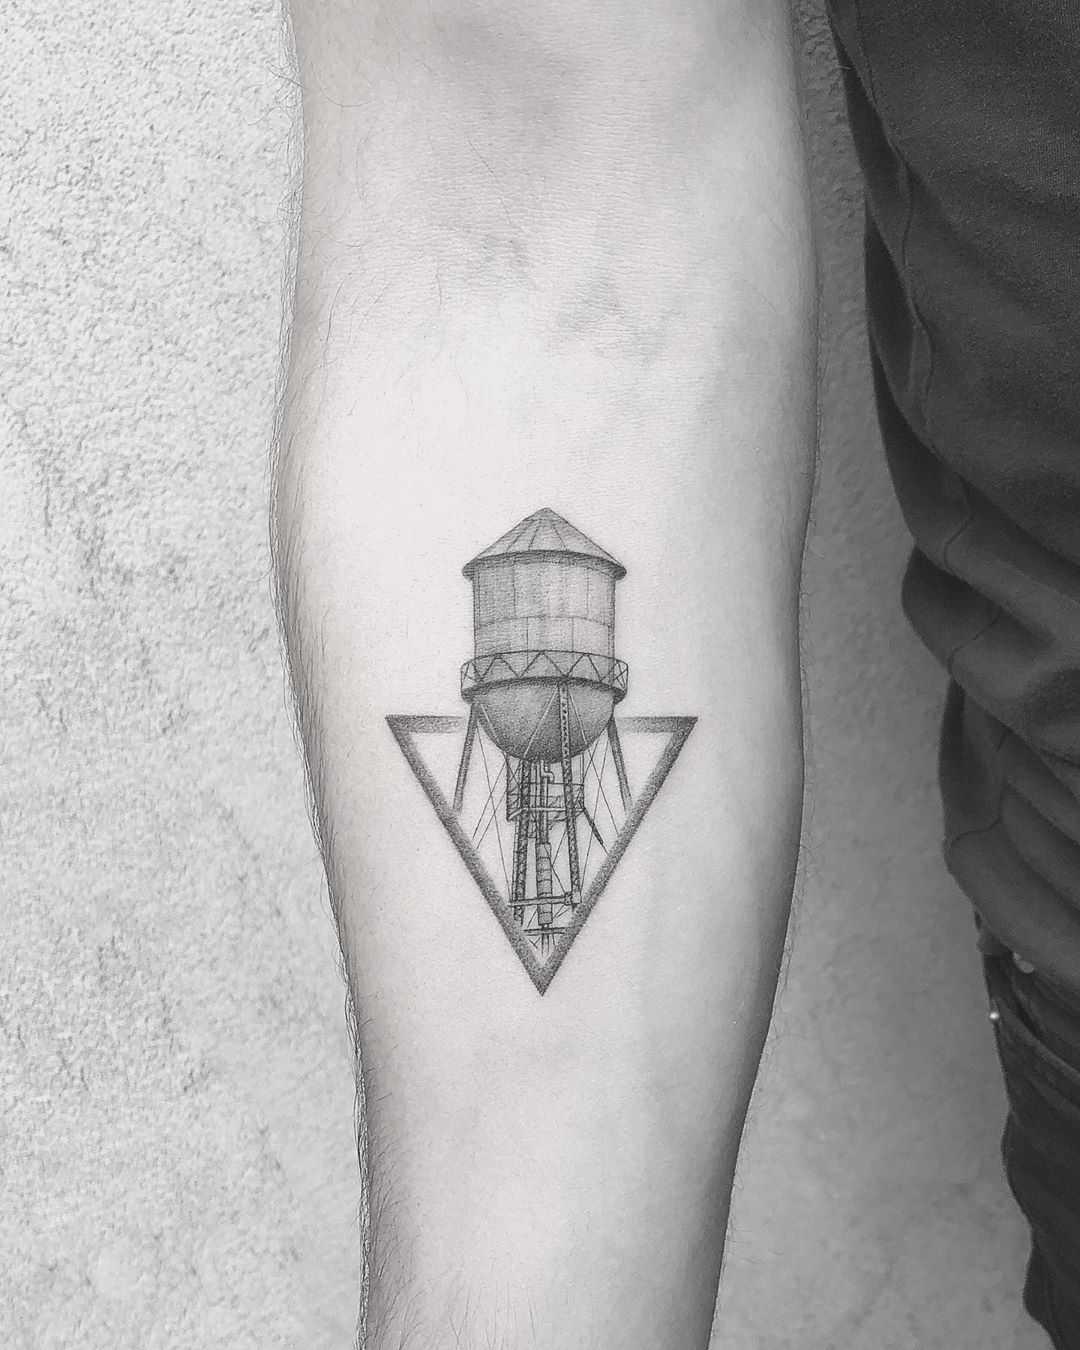 Brooklyn Water tower tattoo by Evgenii Andriu